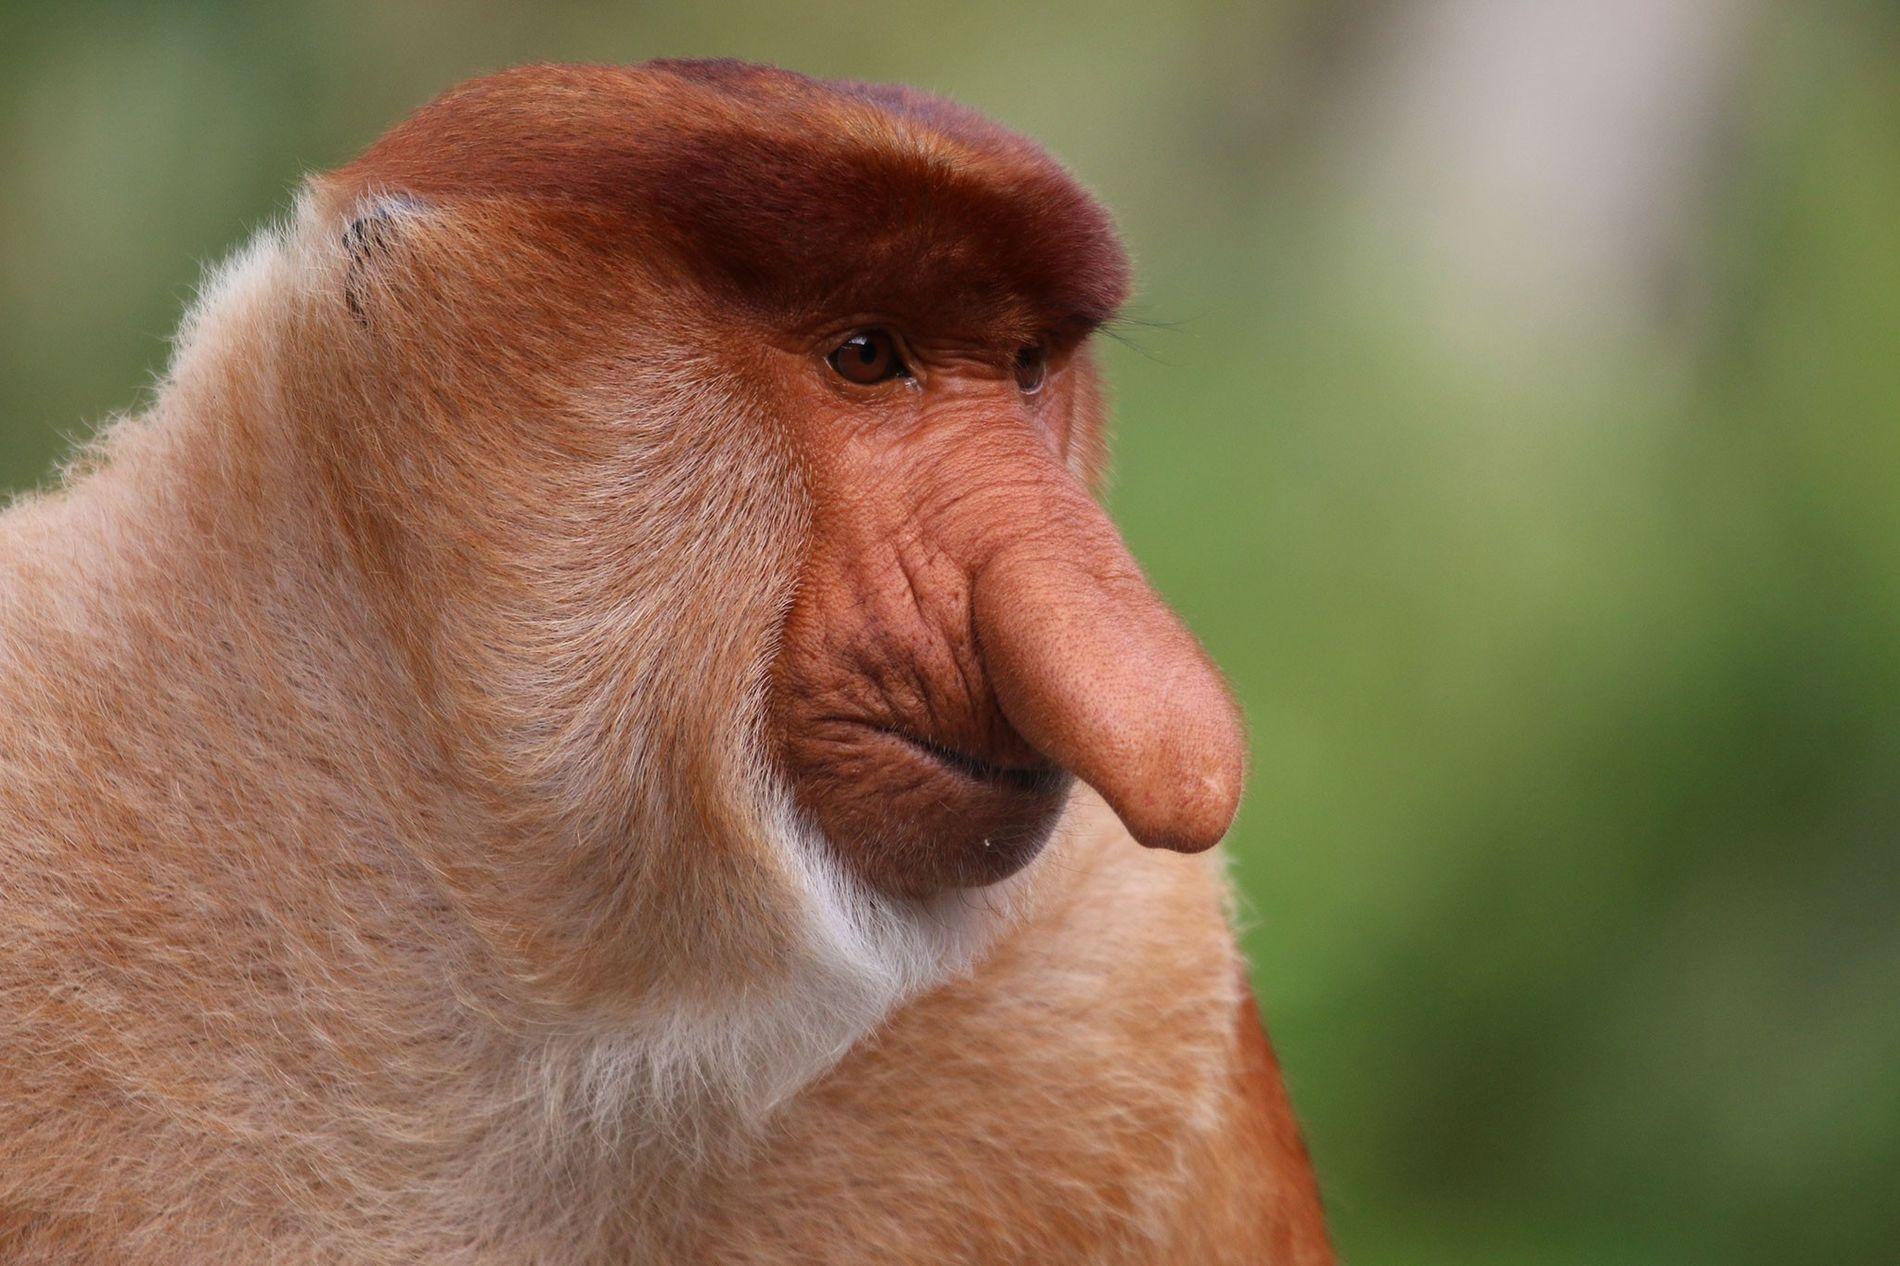 Macacos-narigudos machos (Nasalis larvatus) tem narizes enormes – um aspecto importante para atrair fêmeas e definir ...